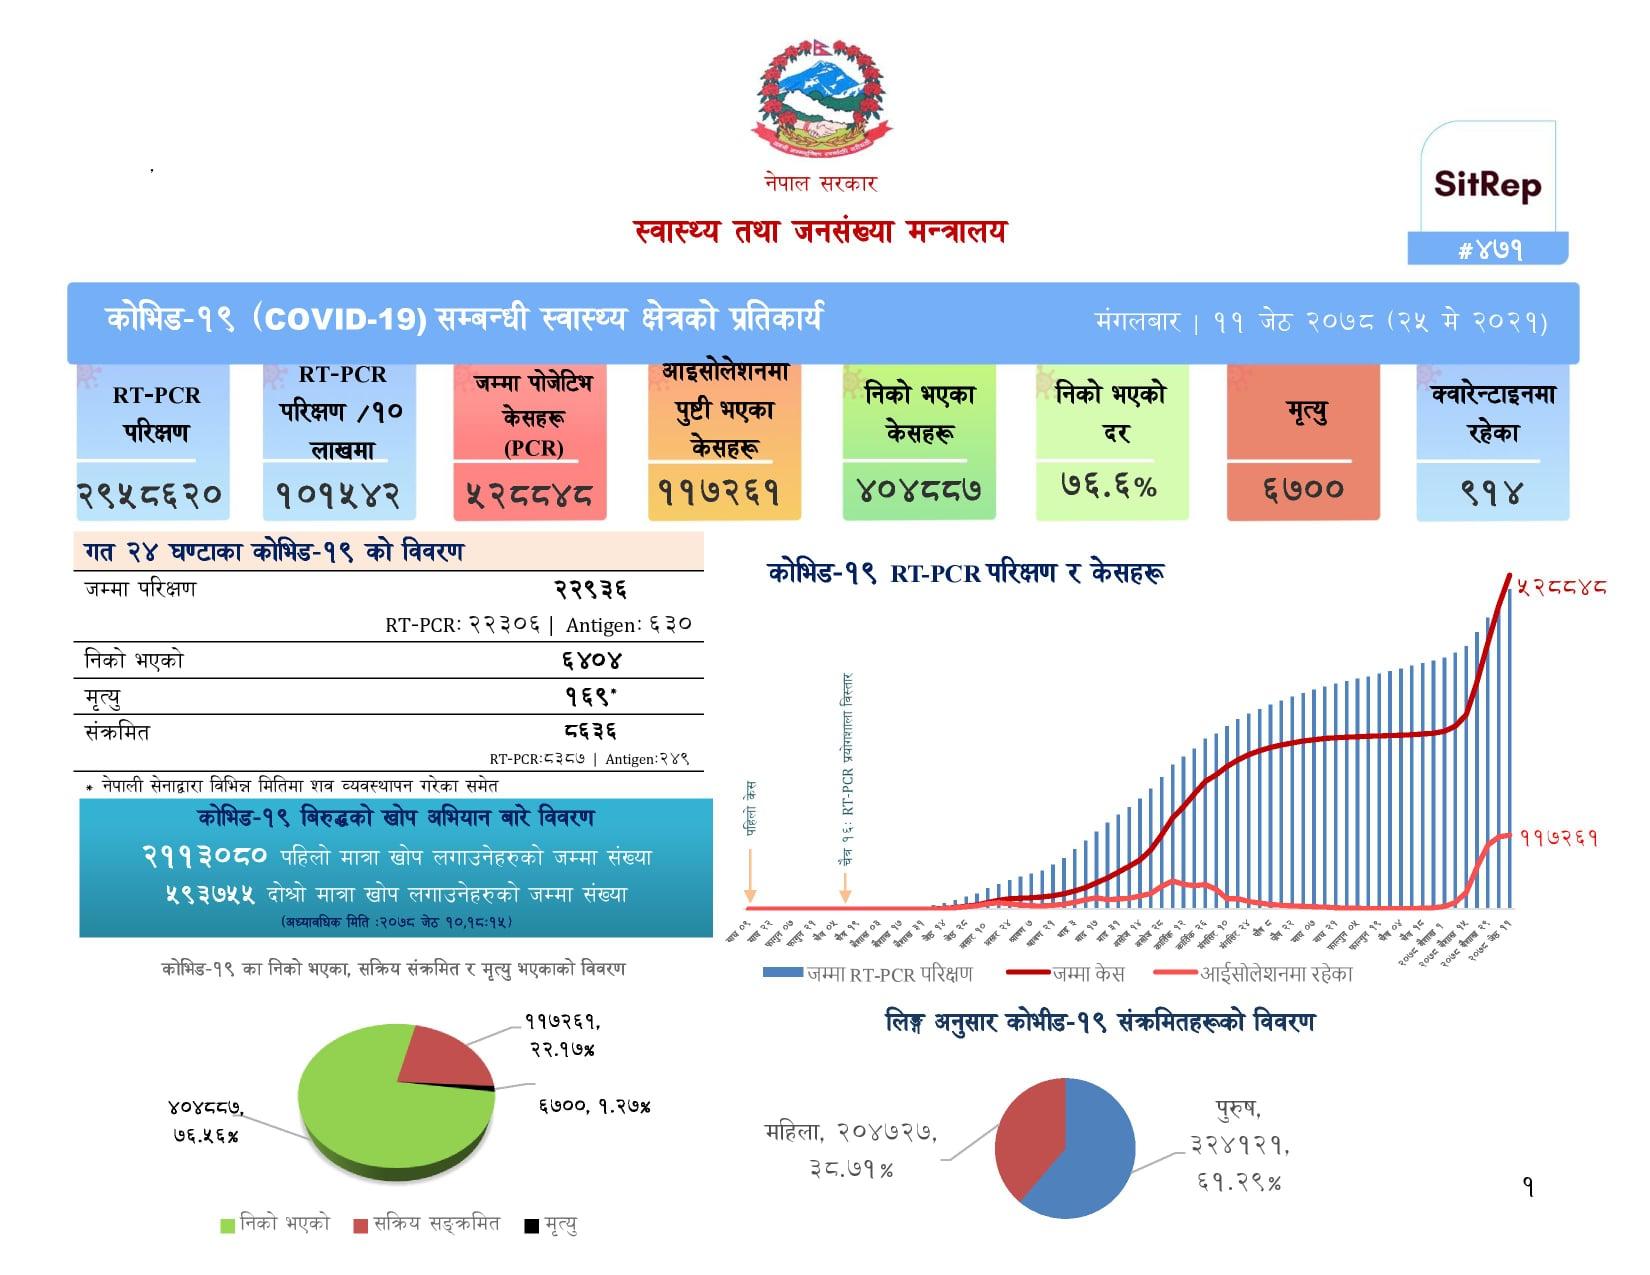 कोरोनाभाइरस नेपाल : मंगलबार १६९ जनाको मृत्यु, ८ हजार ६ सय ३६ जना संक्रमित थपिए